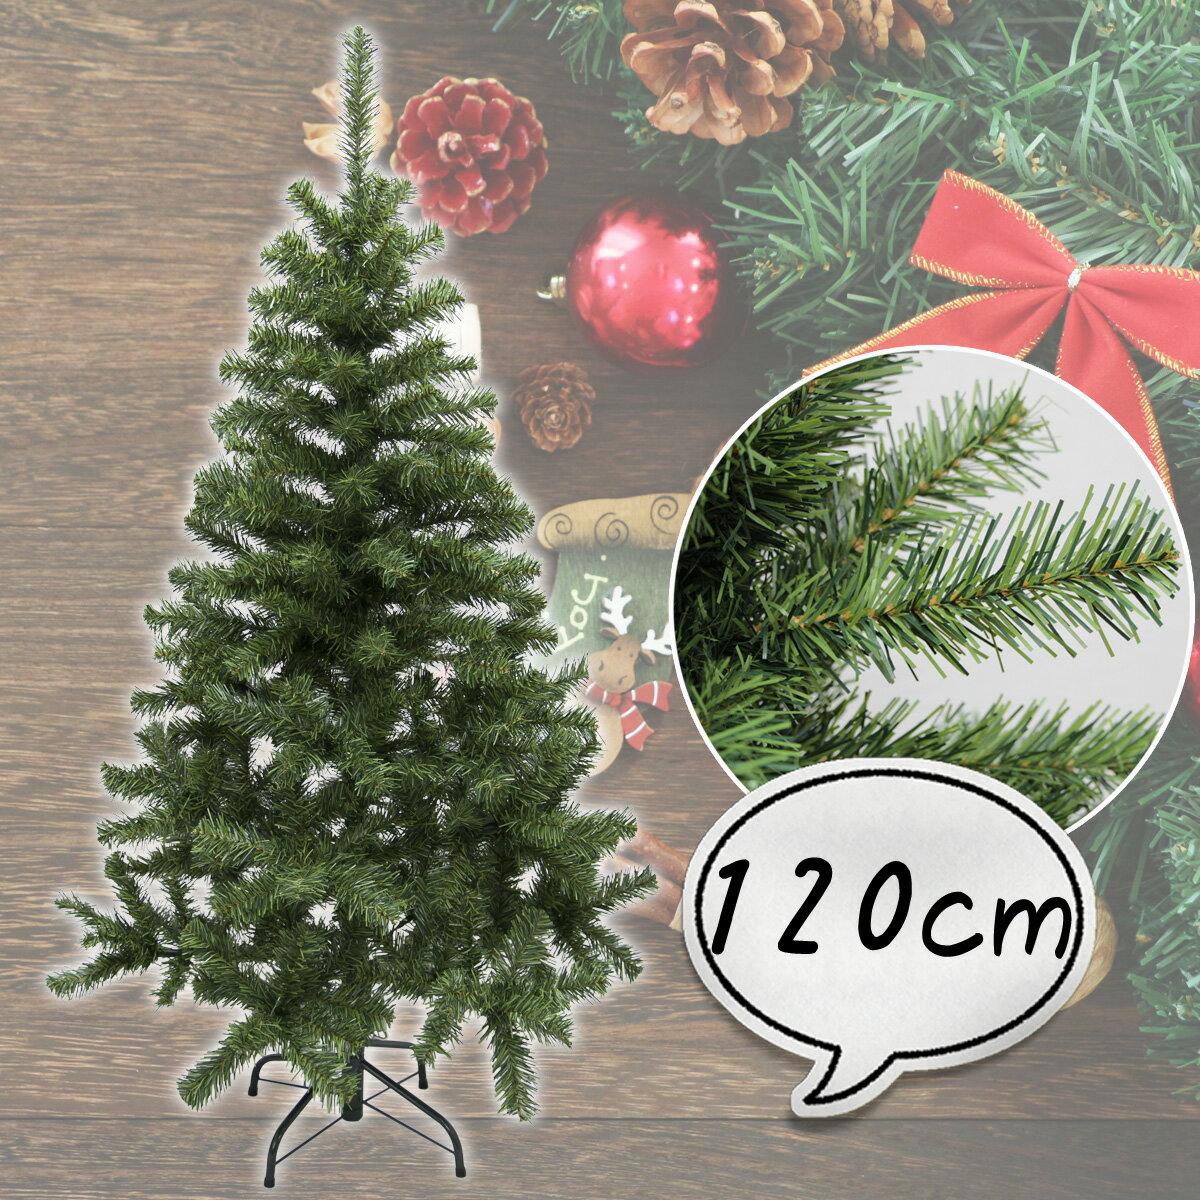 クリスマスツリー 120cm [ツリー 木 単品 ] フランクヒルズツリー 【jbcxmas17】【RCP】